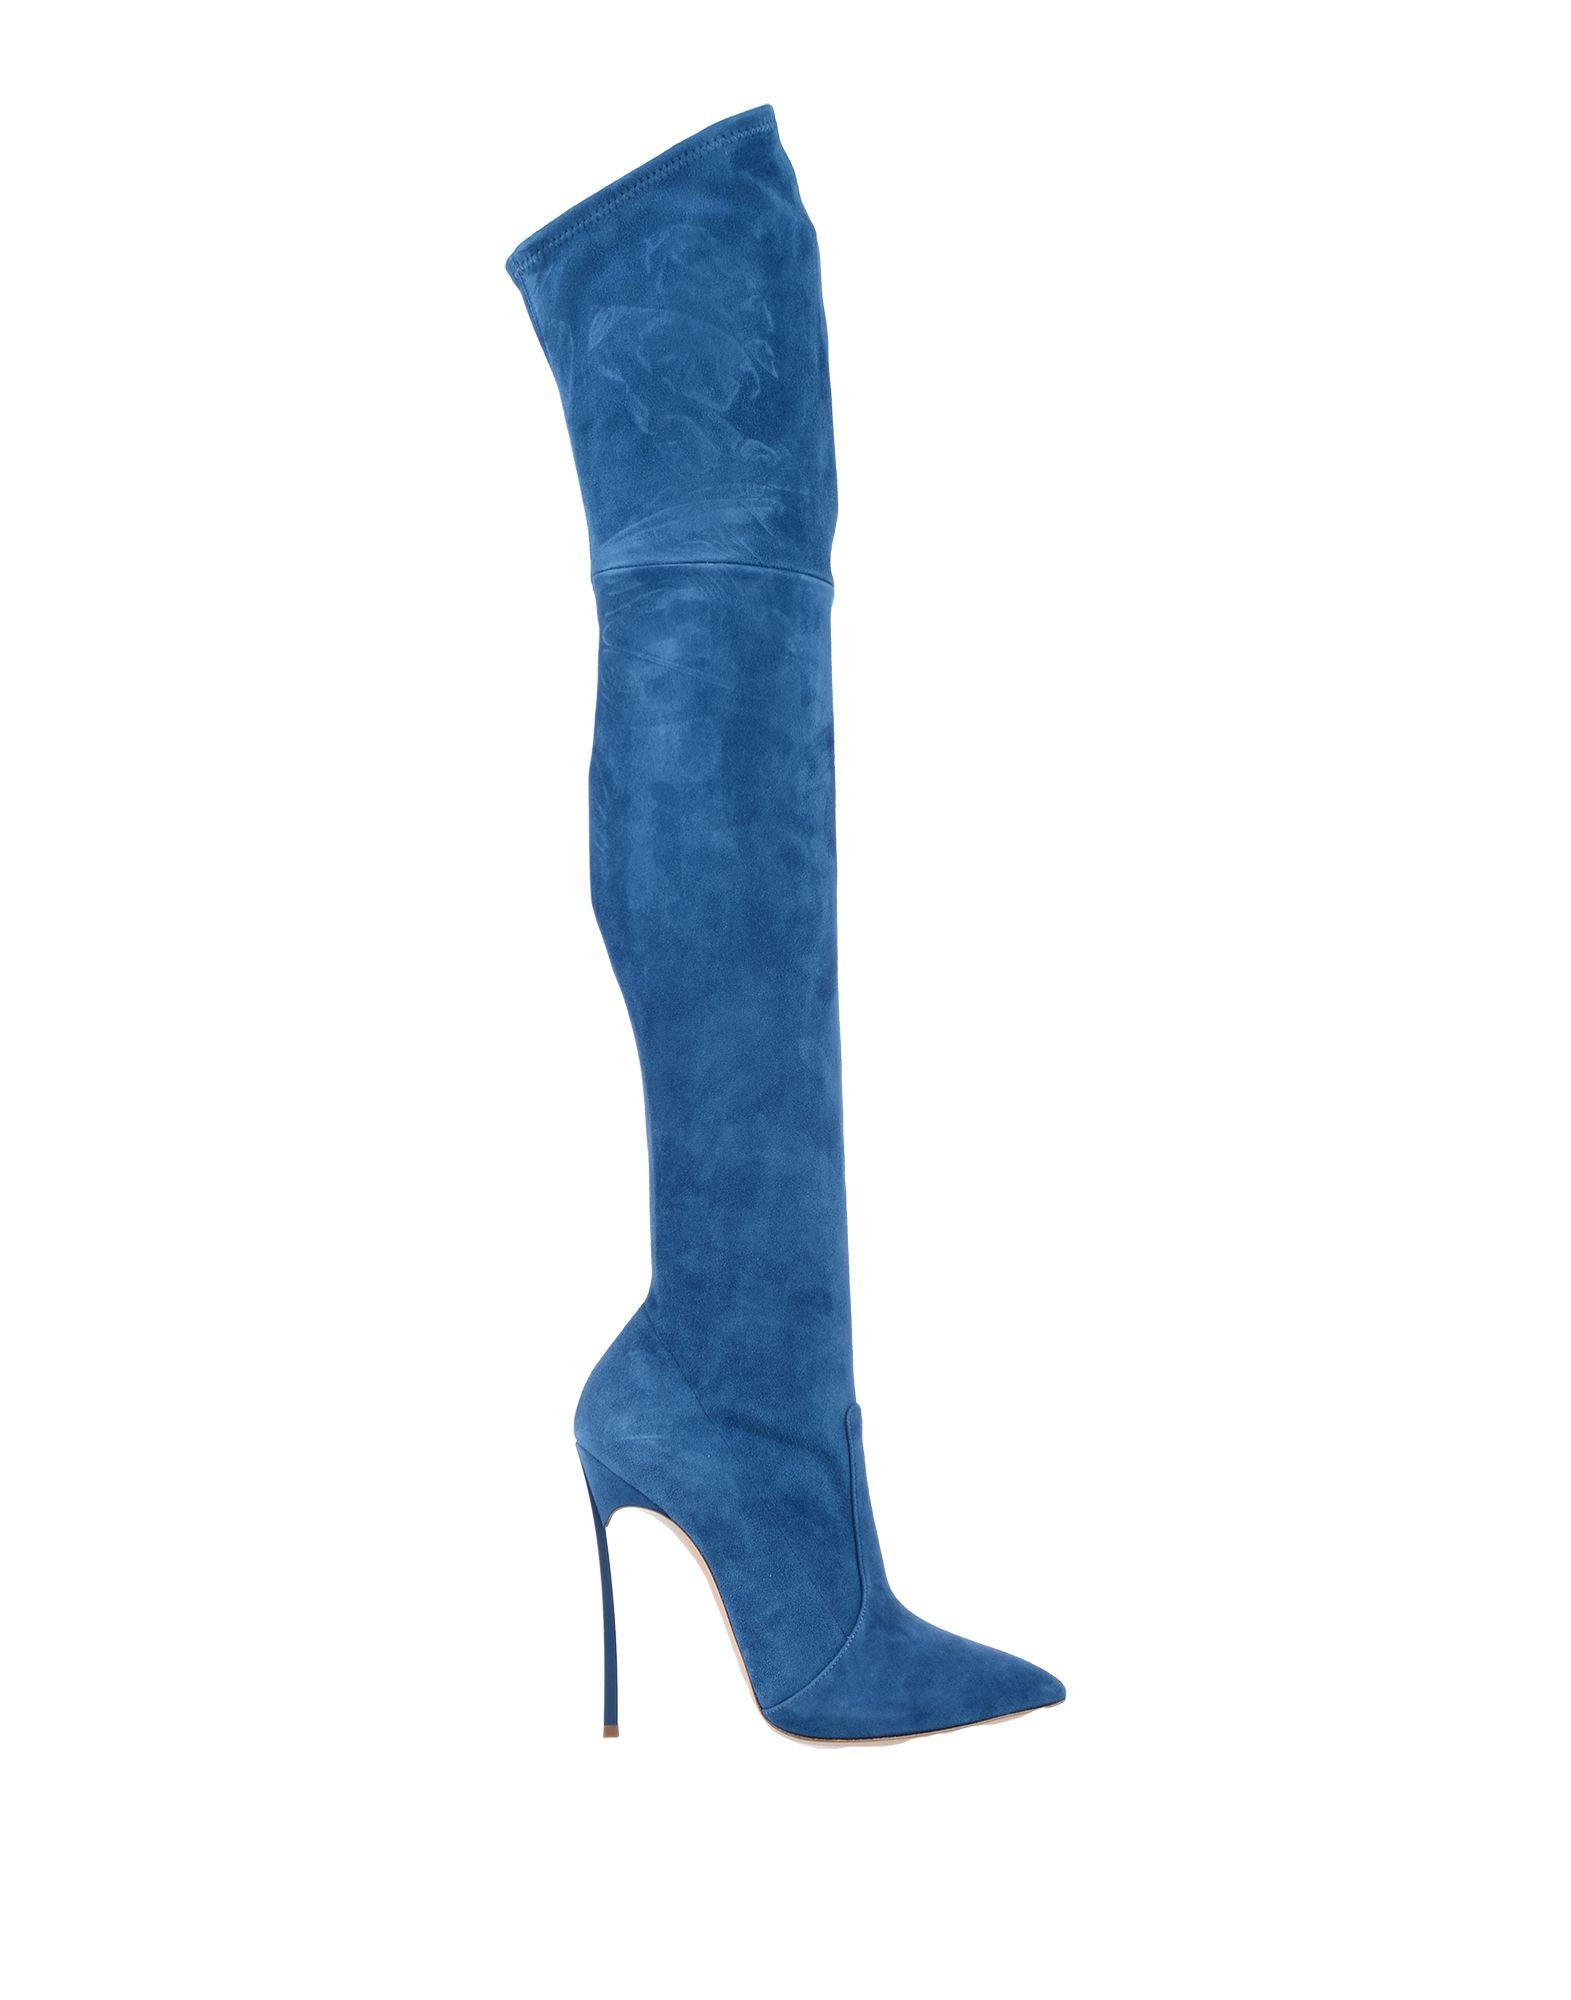 Casadei Stiefel sich Damen Gutes Preis-Leistungs-Verhältnis, es lohnt sich Stiefel 802fe4